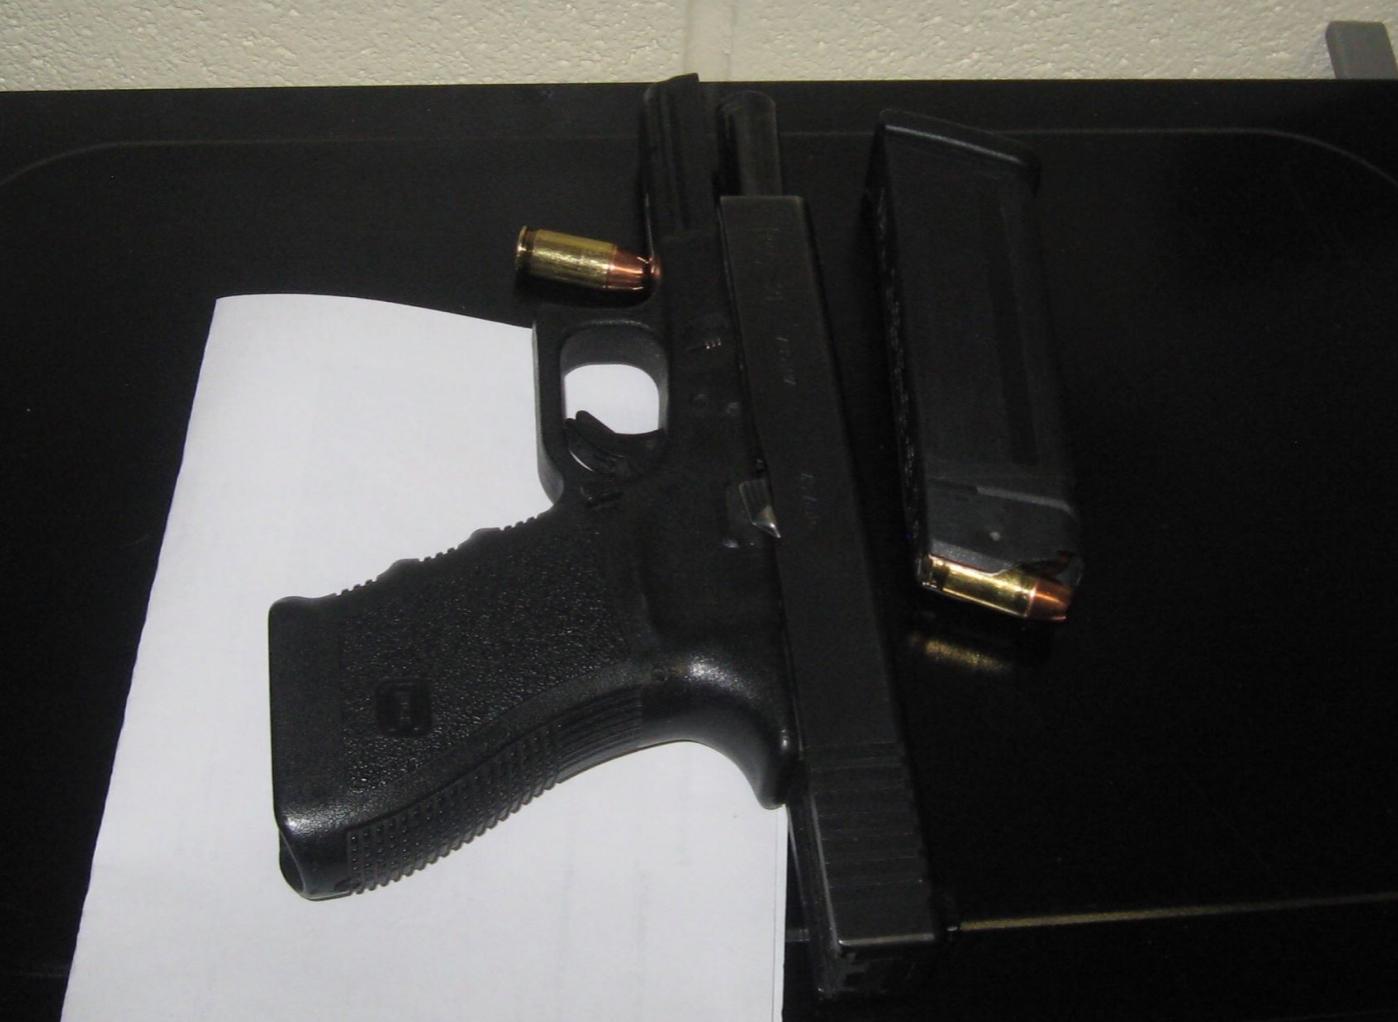 Gun from Ohio Student